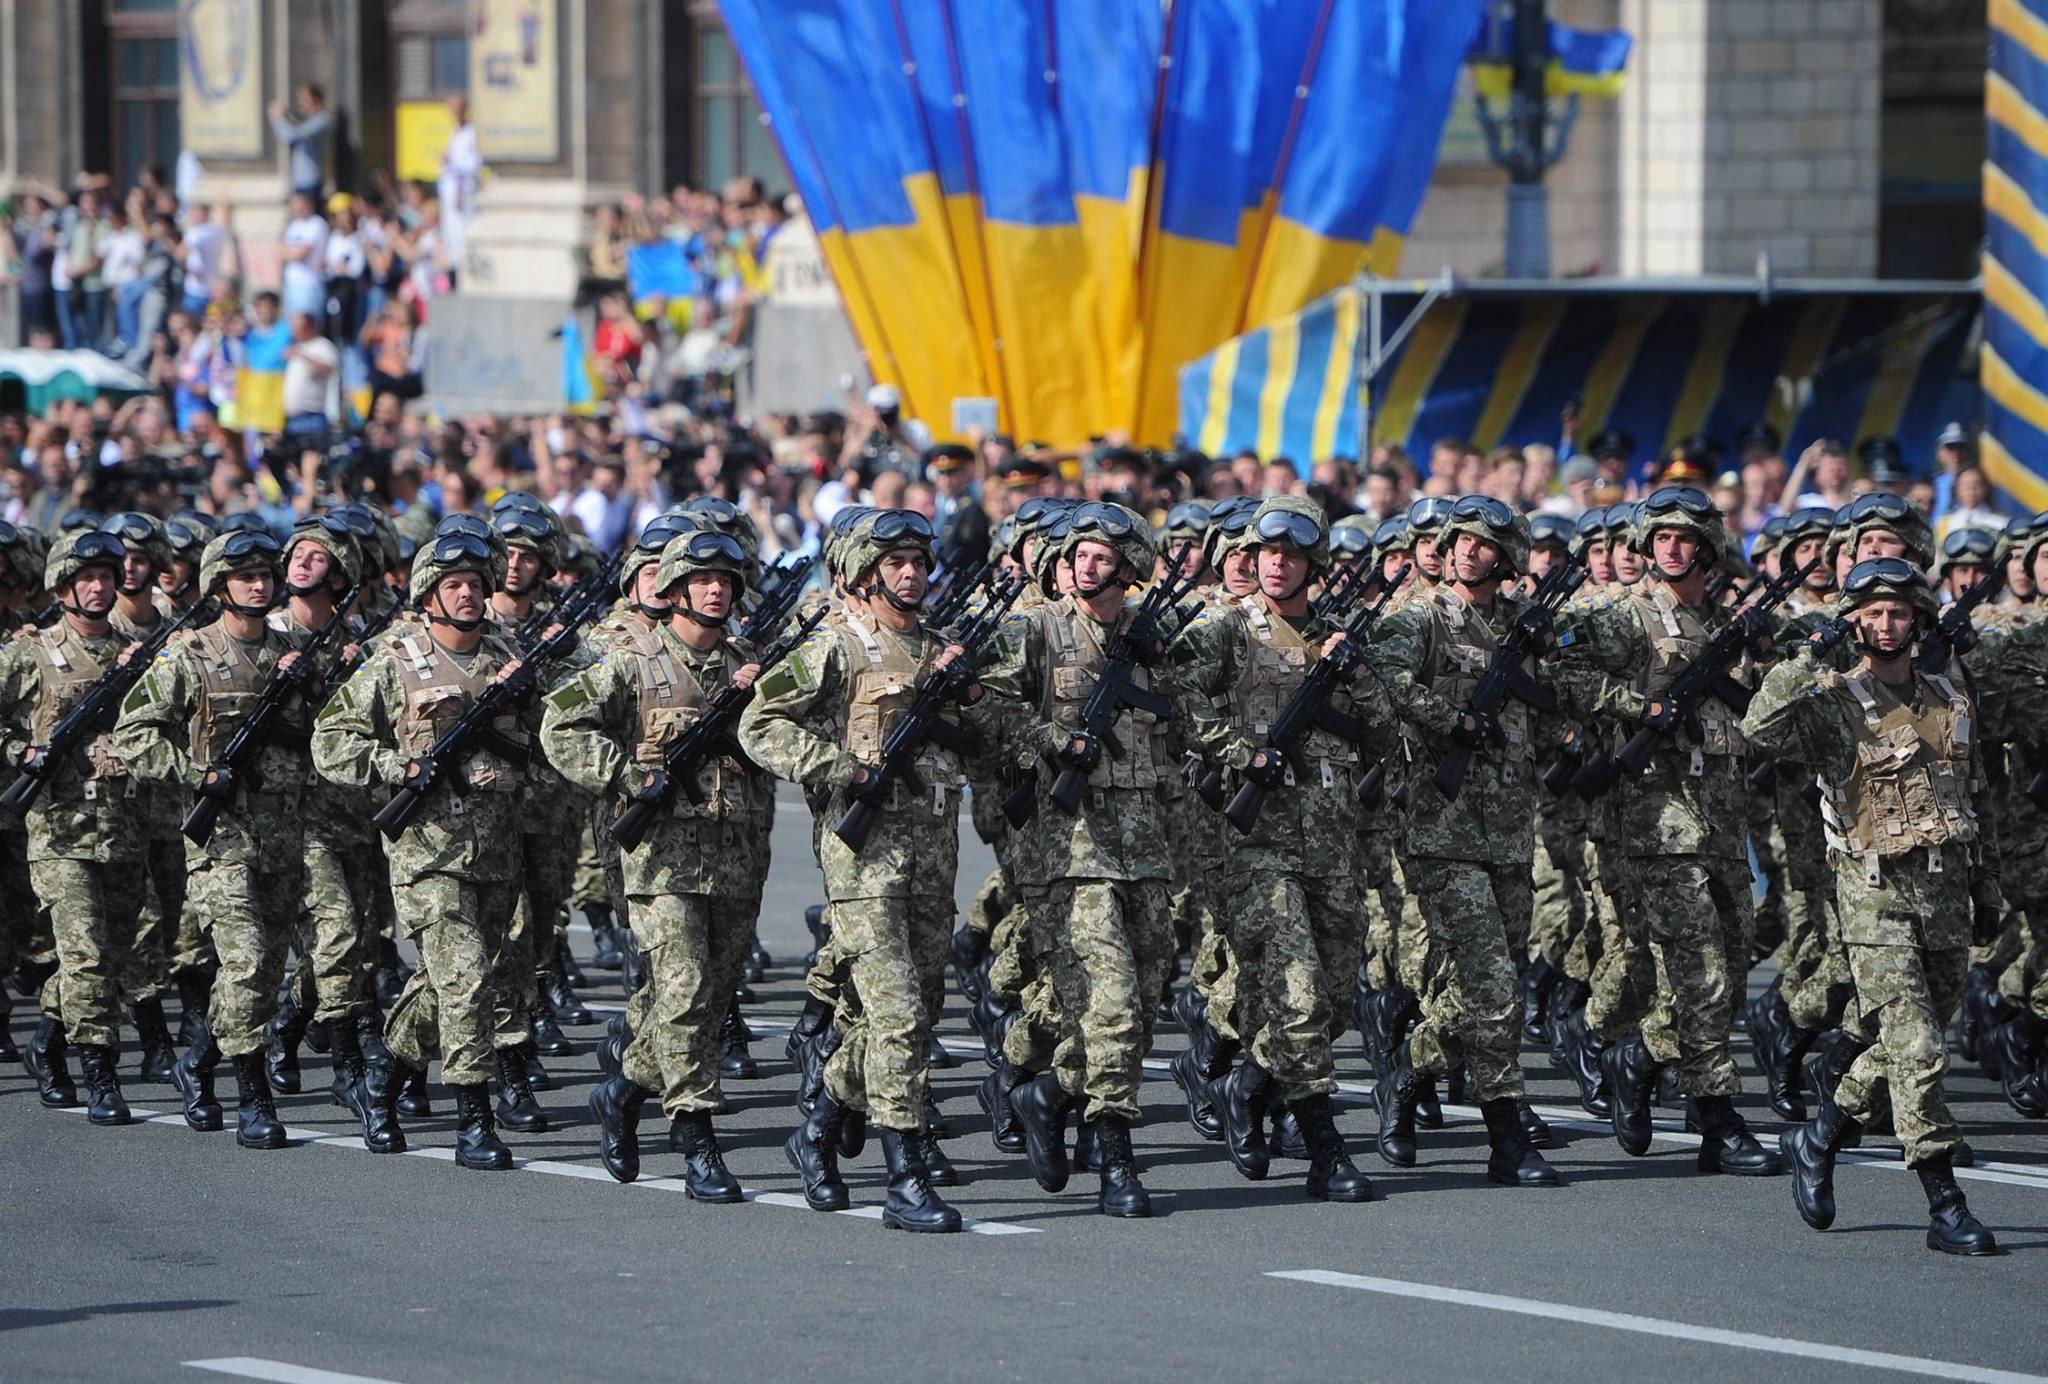 День вооруженных сил картинки, картинки корпоративе программа